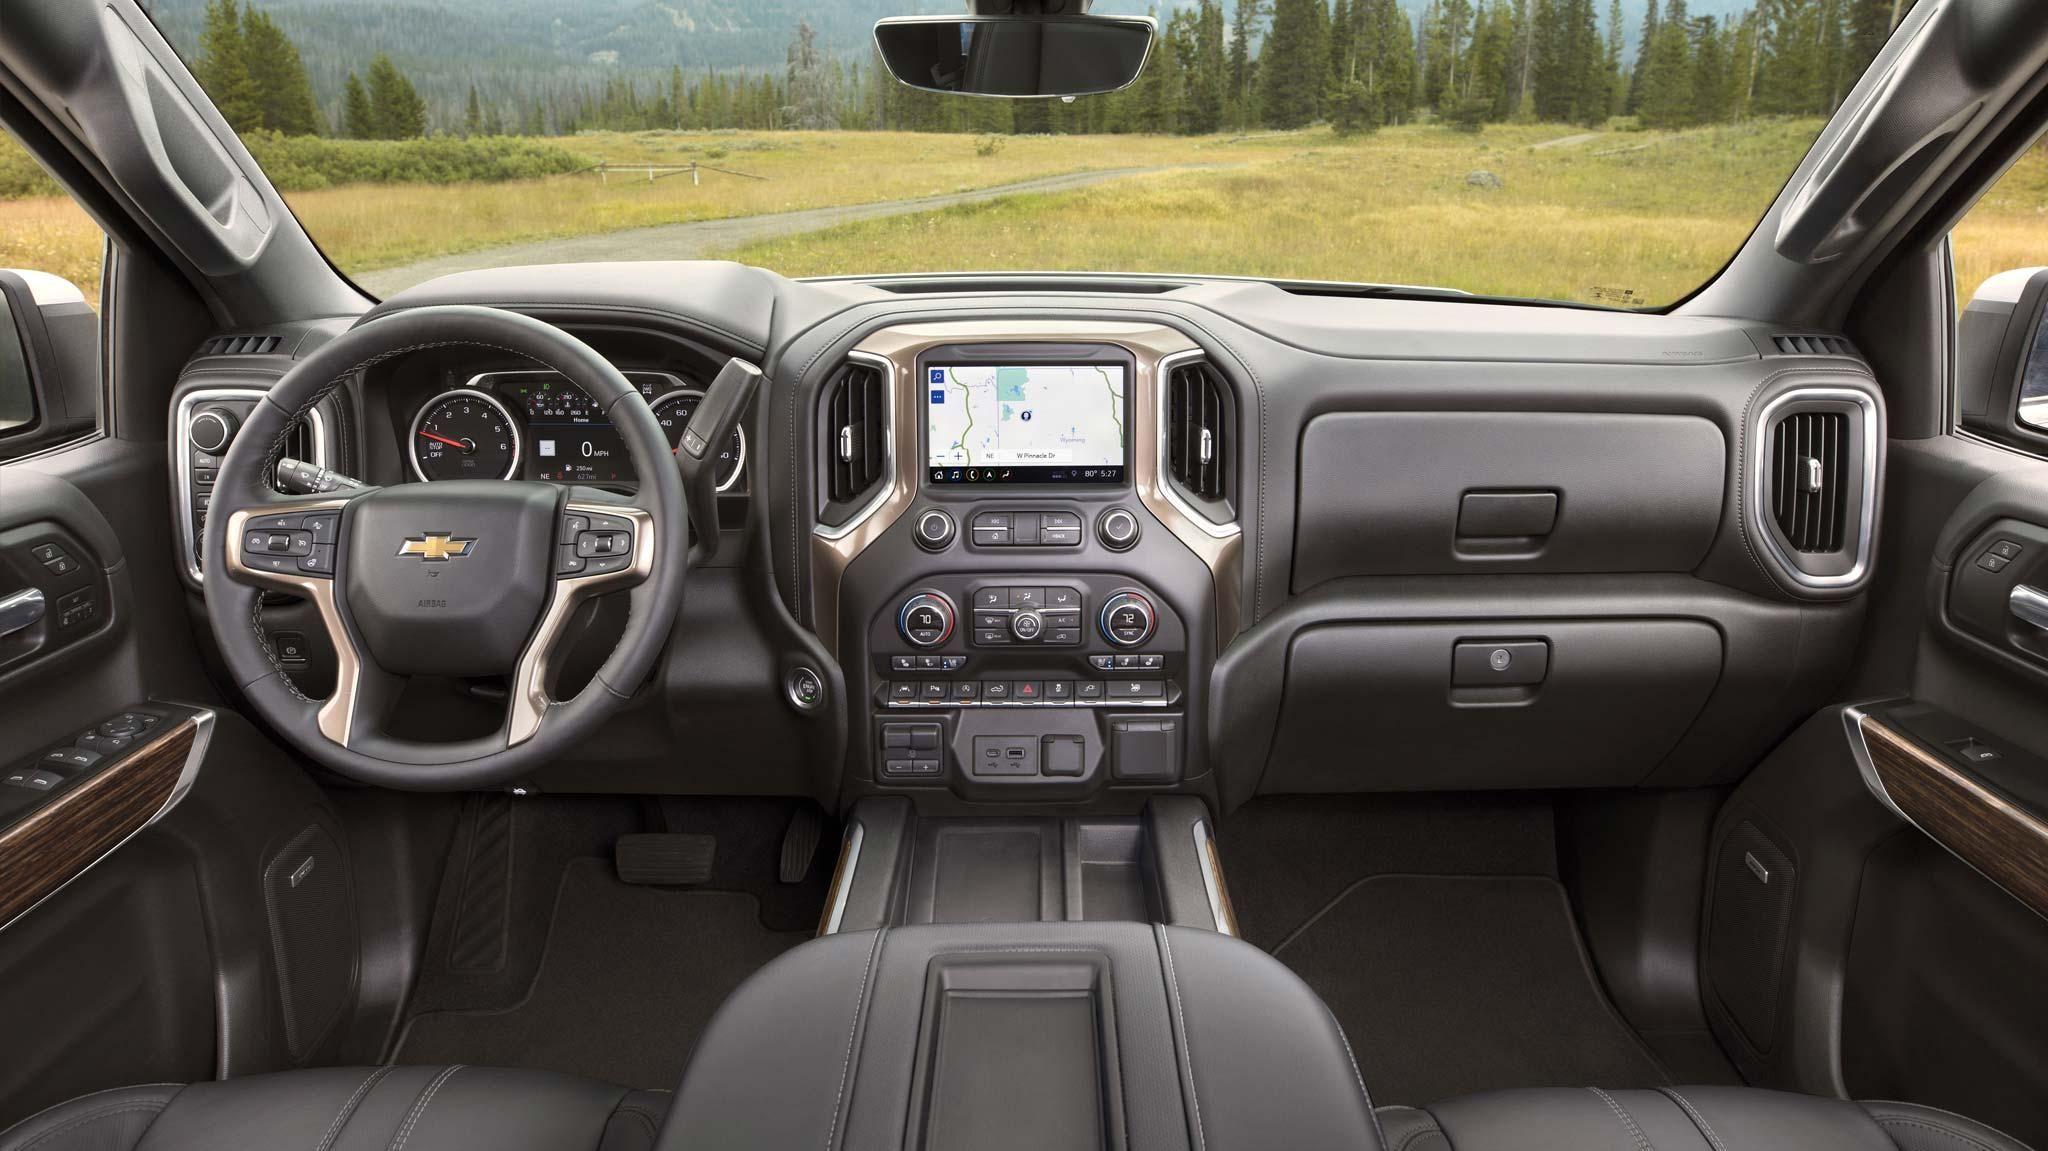 2019 Chevy Silverado High Country Interior Design In 2020 Chevy Silverado Pickup Trucks Silverado